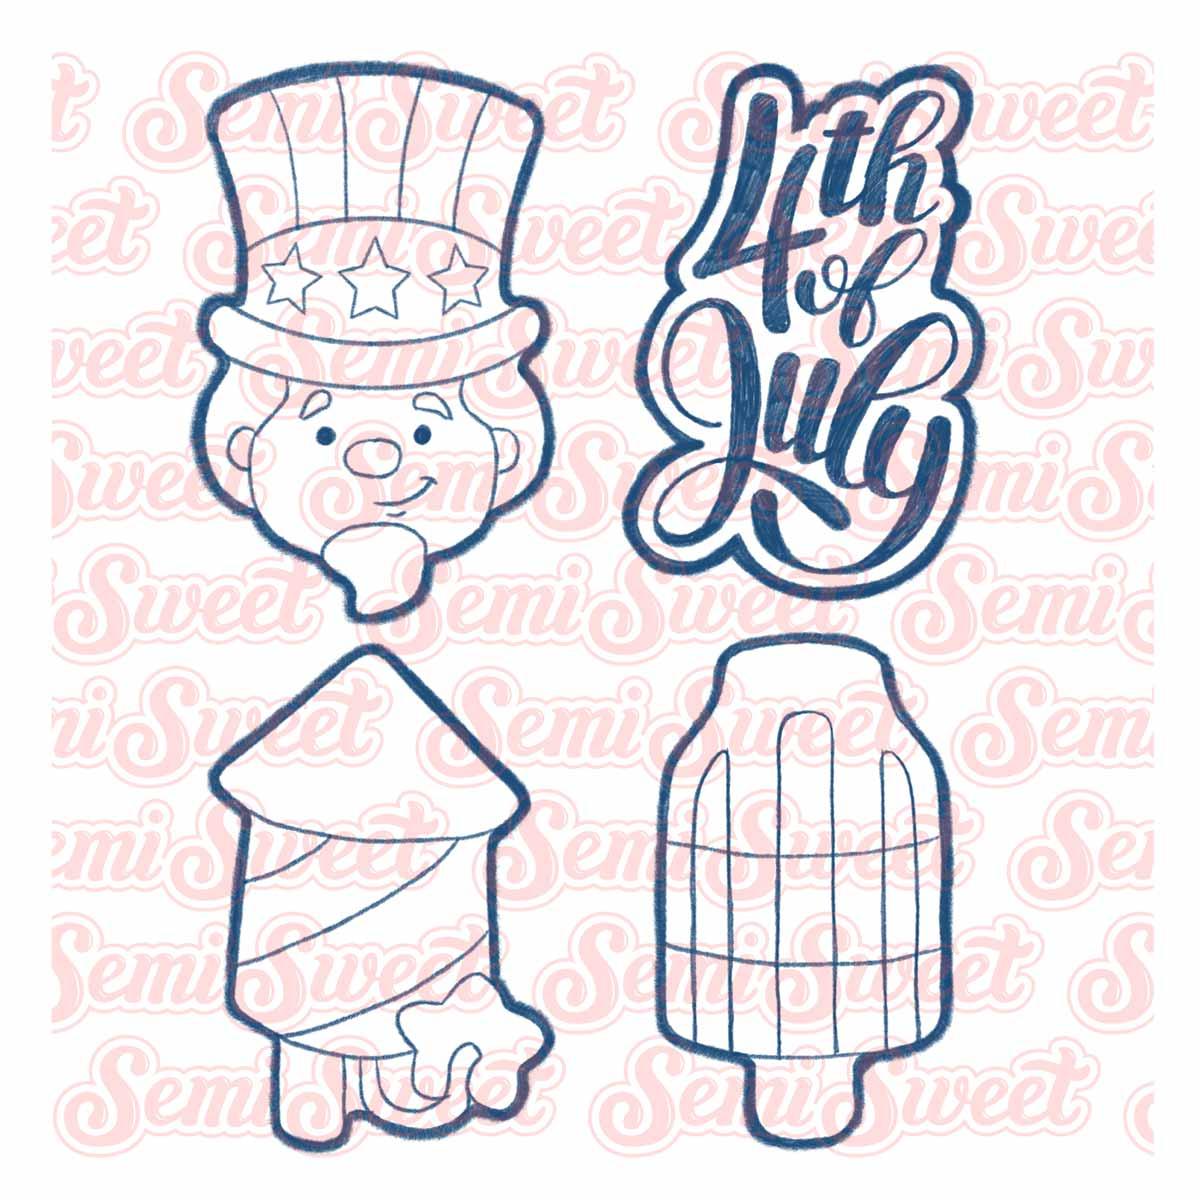 patriotic cookie set with Uncle Sam